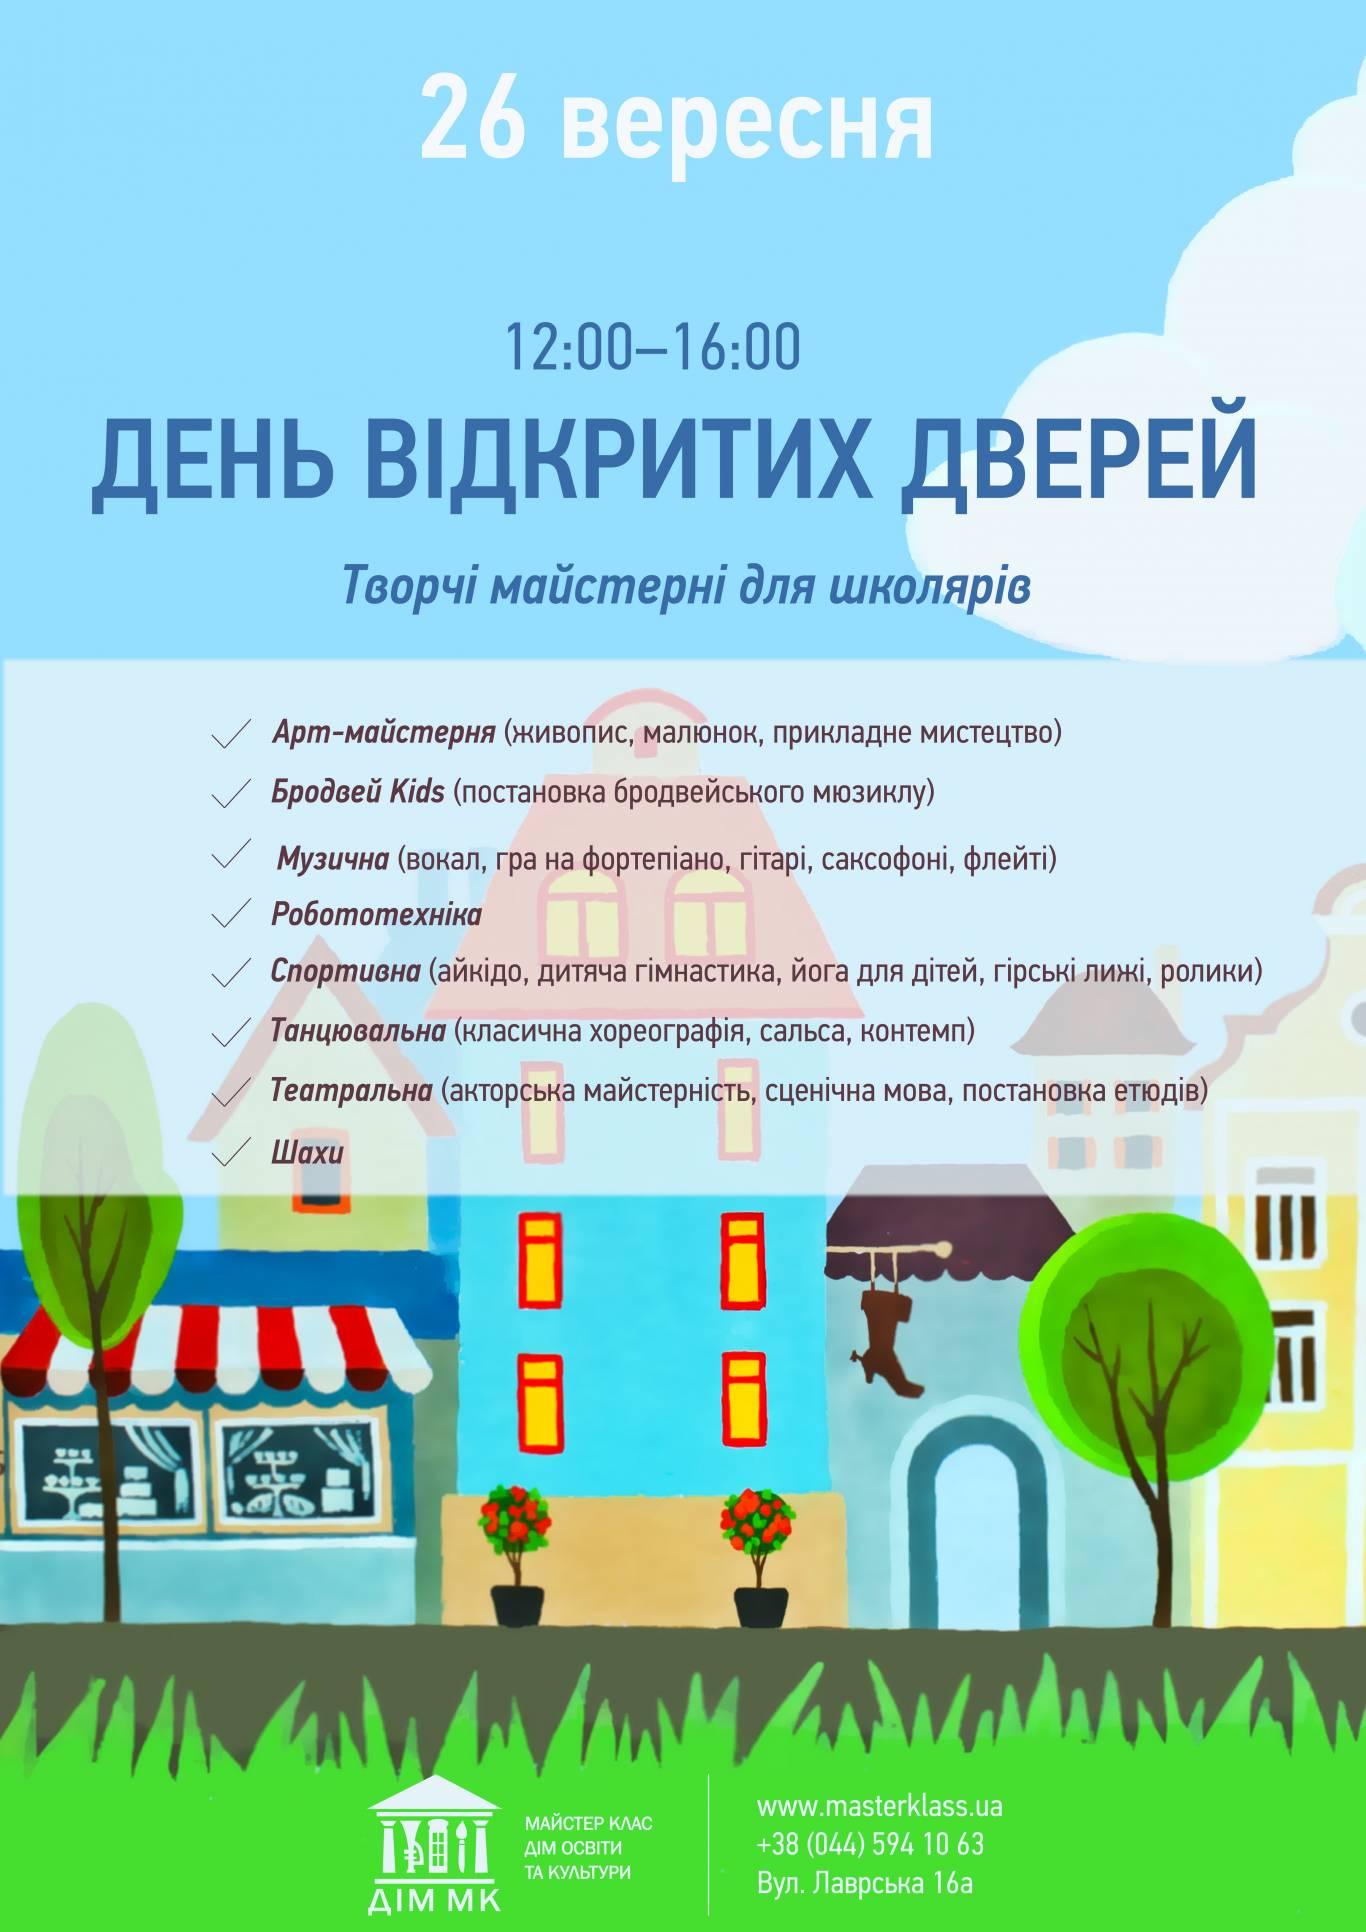 День відкритих дверей творчих майстерень в Okeshka International